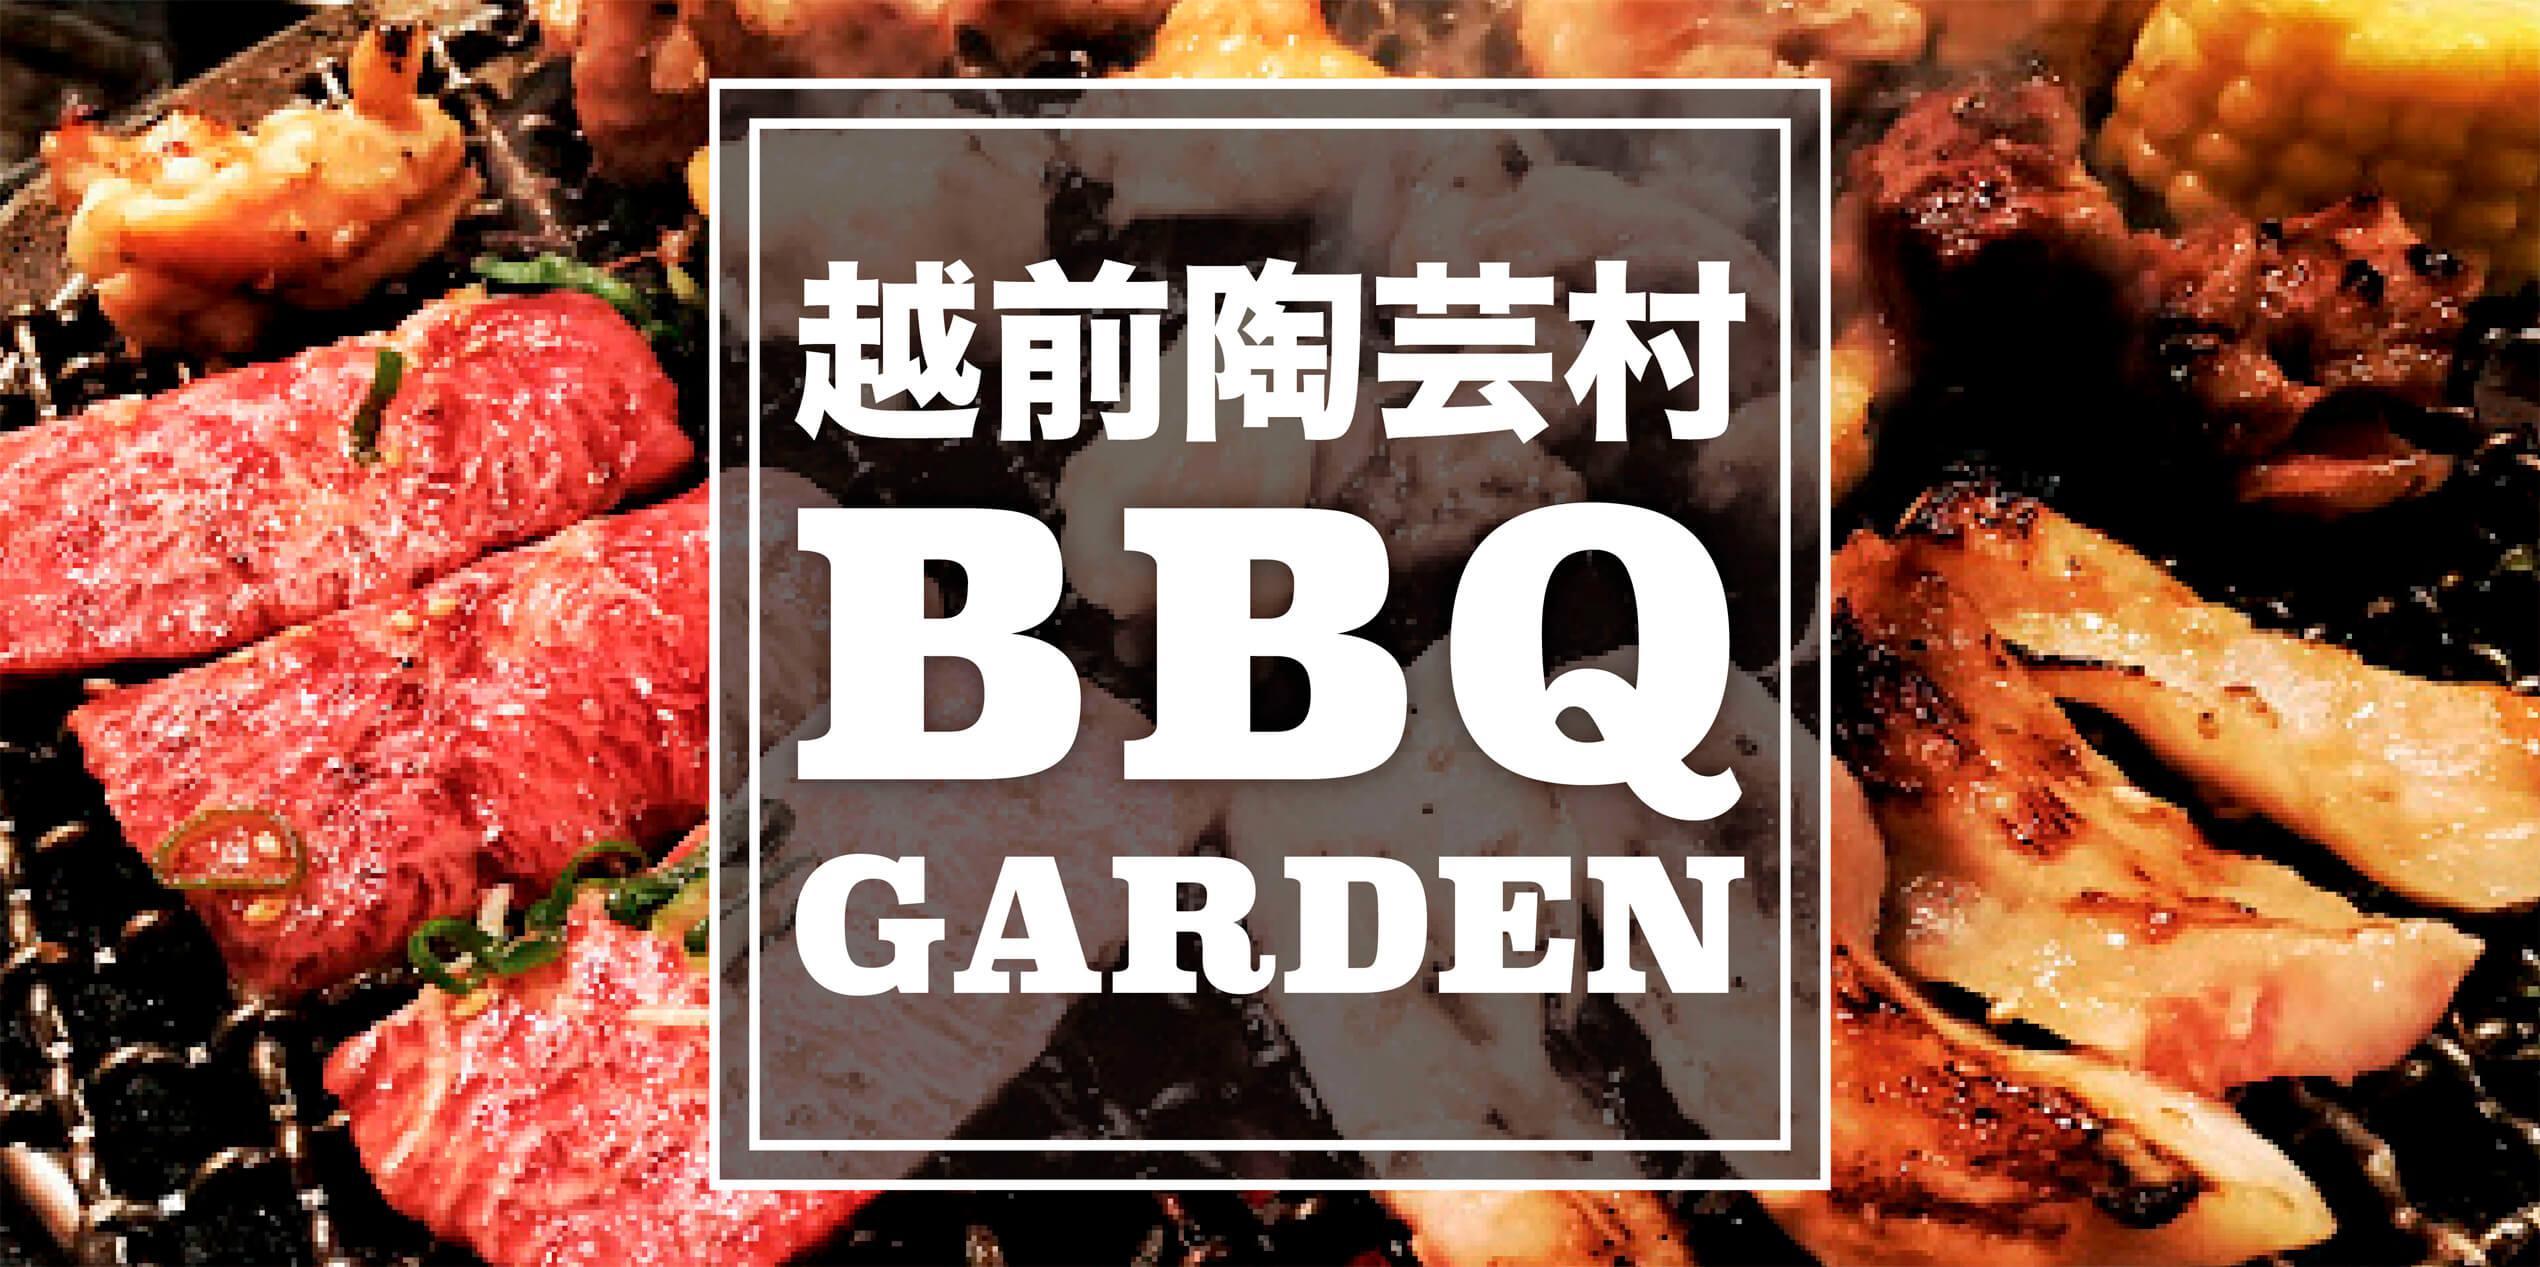 越前陶芸村BBQガーデンオープン!